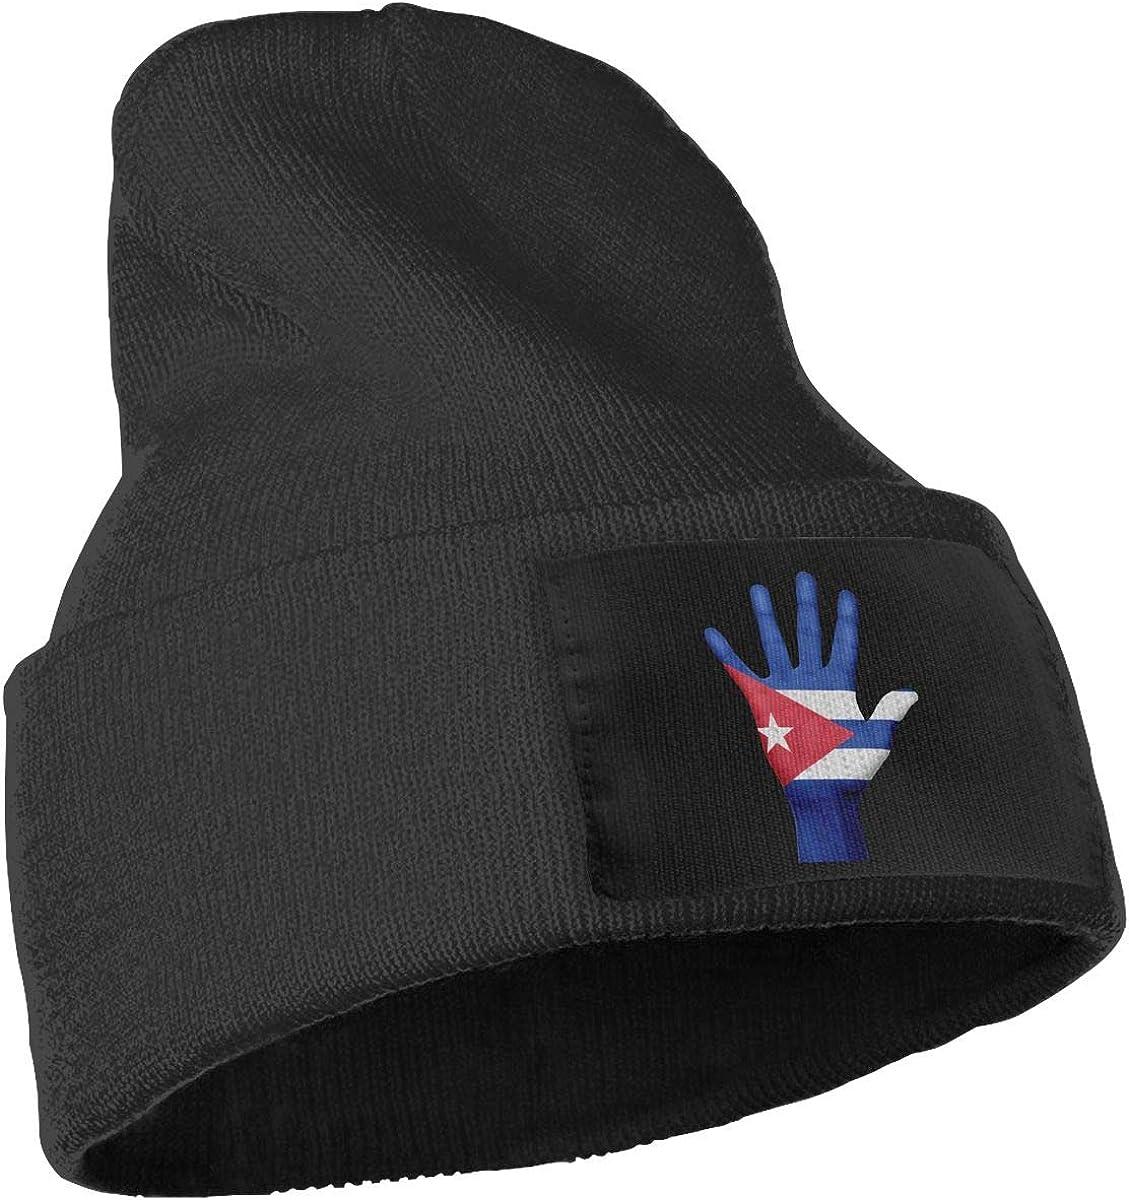 SLADDD1 Cuba Warm Winter Hat Knit Beanie Skull Cap Cuff Beanie Hat Winter Hats for Men /& Women